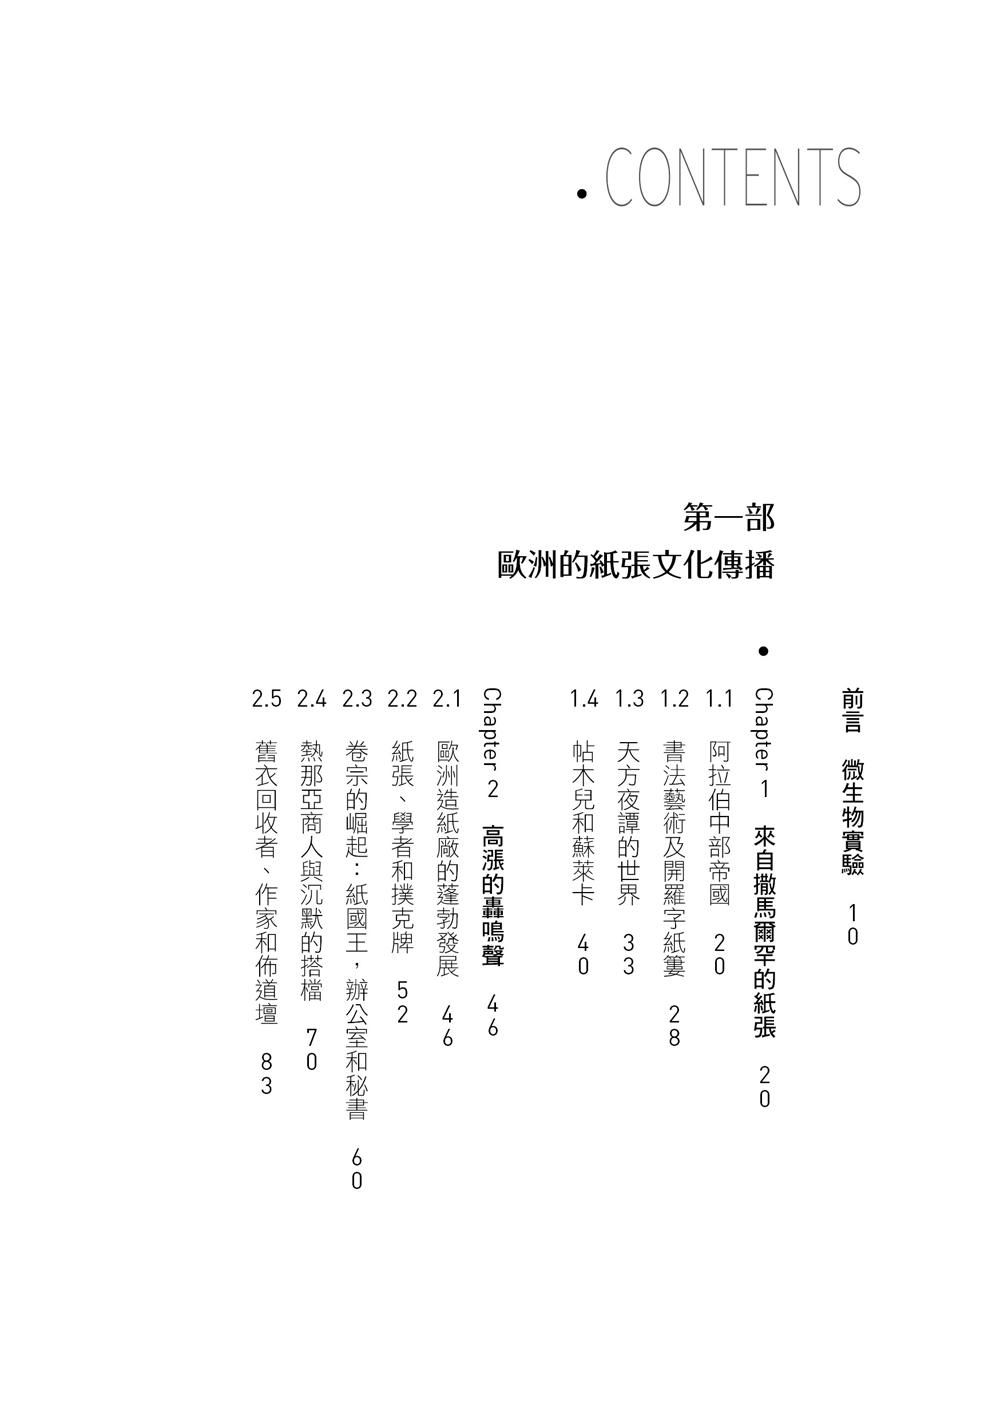 http://im2.book.com.tw/image/getImage?i=http://www.books.com.tw/img/001/076/42/0010764237_bi_01.jpg&v=59a94512&w=655&h=609